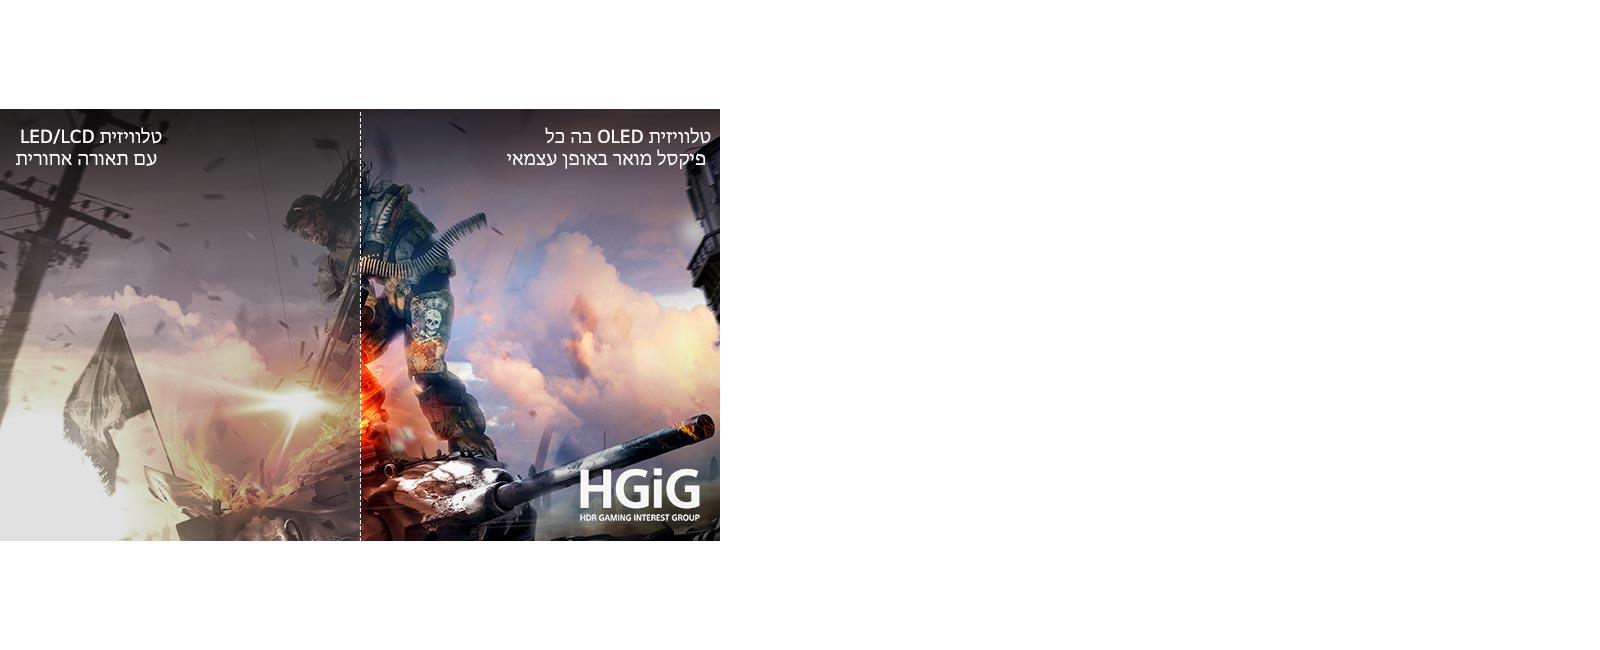 مشهد من لعبة، نصفه معروض على تلفزيون LCD / LED TV يعرض الصورة بجودة رديئة والنصف الآخر معروض على تلفزيون LG OLED TV يعرض صورة تتسم بالنضارة والحيوية